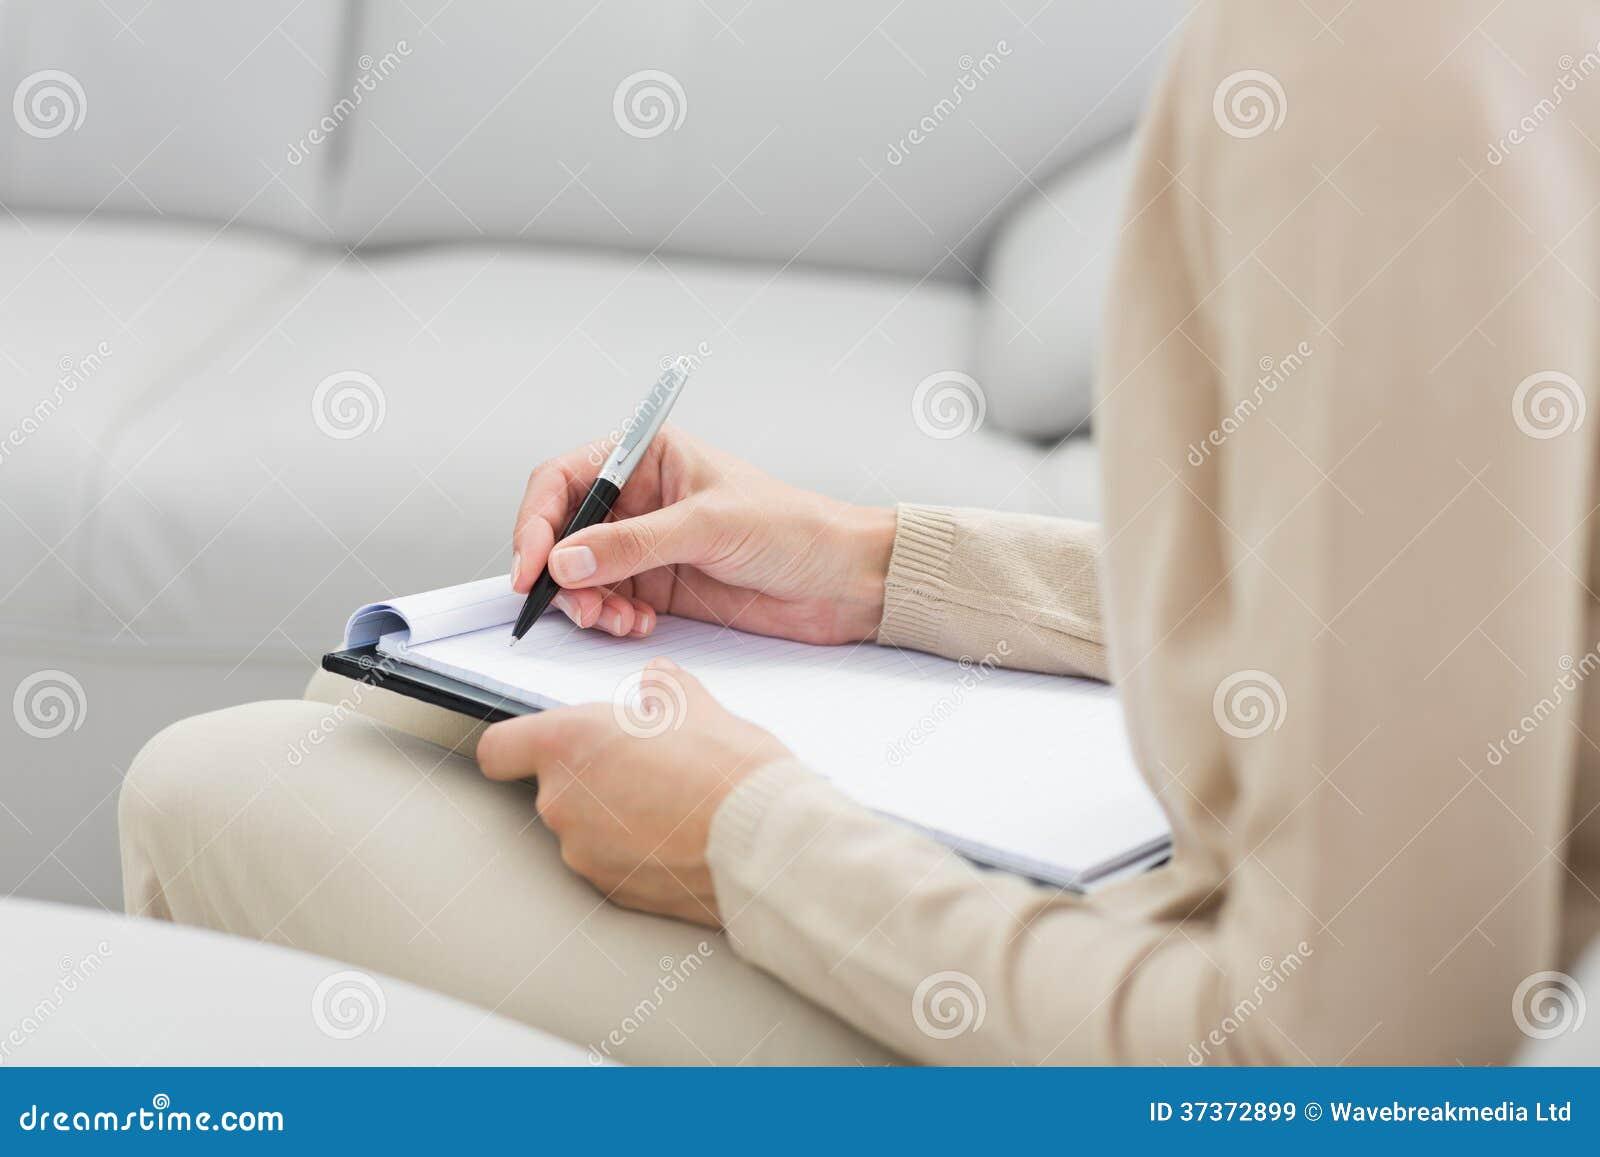 W połowie sekcja psychologa writing notatki